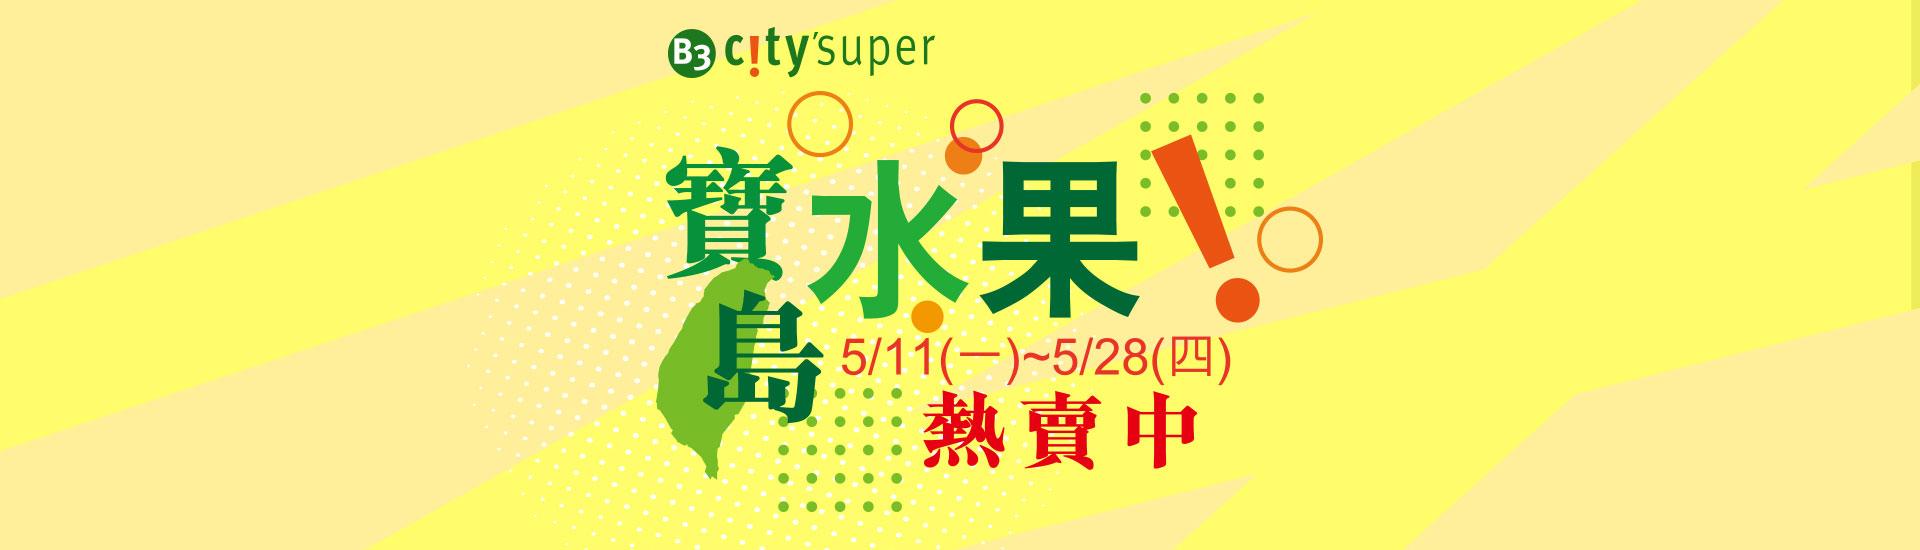 復興館B3 city'super 寶島水果!!!